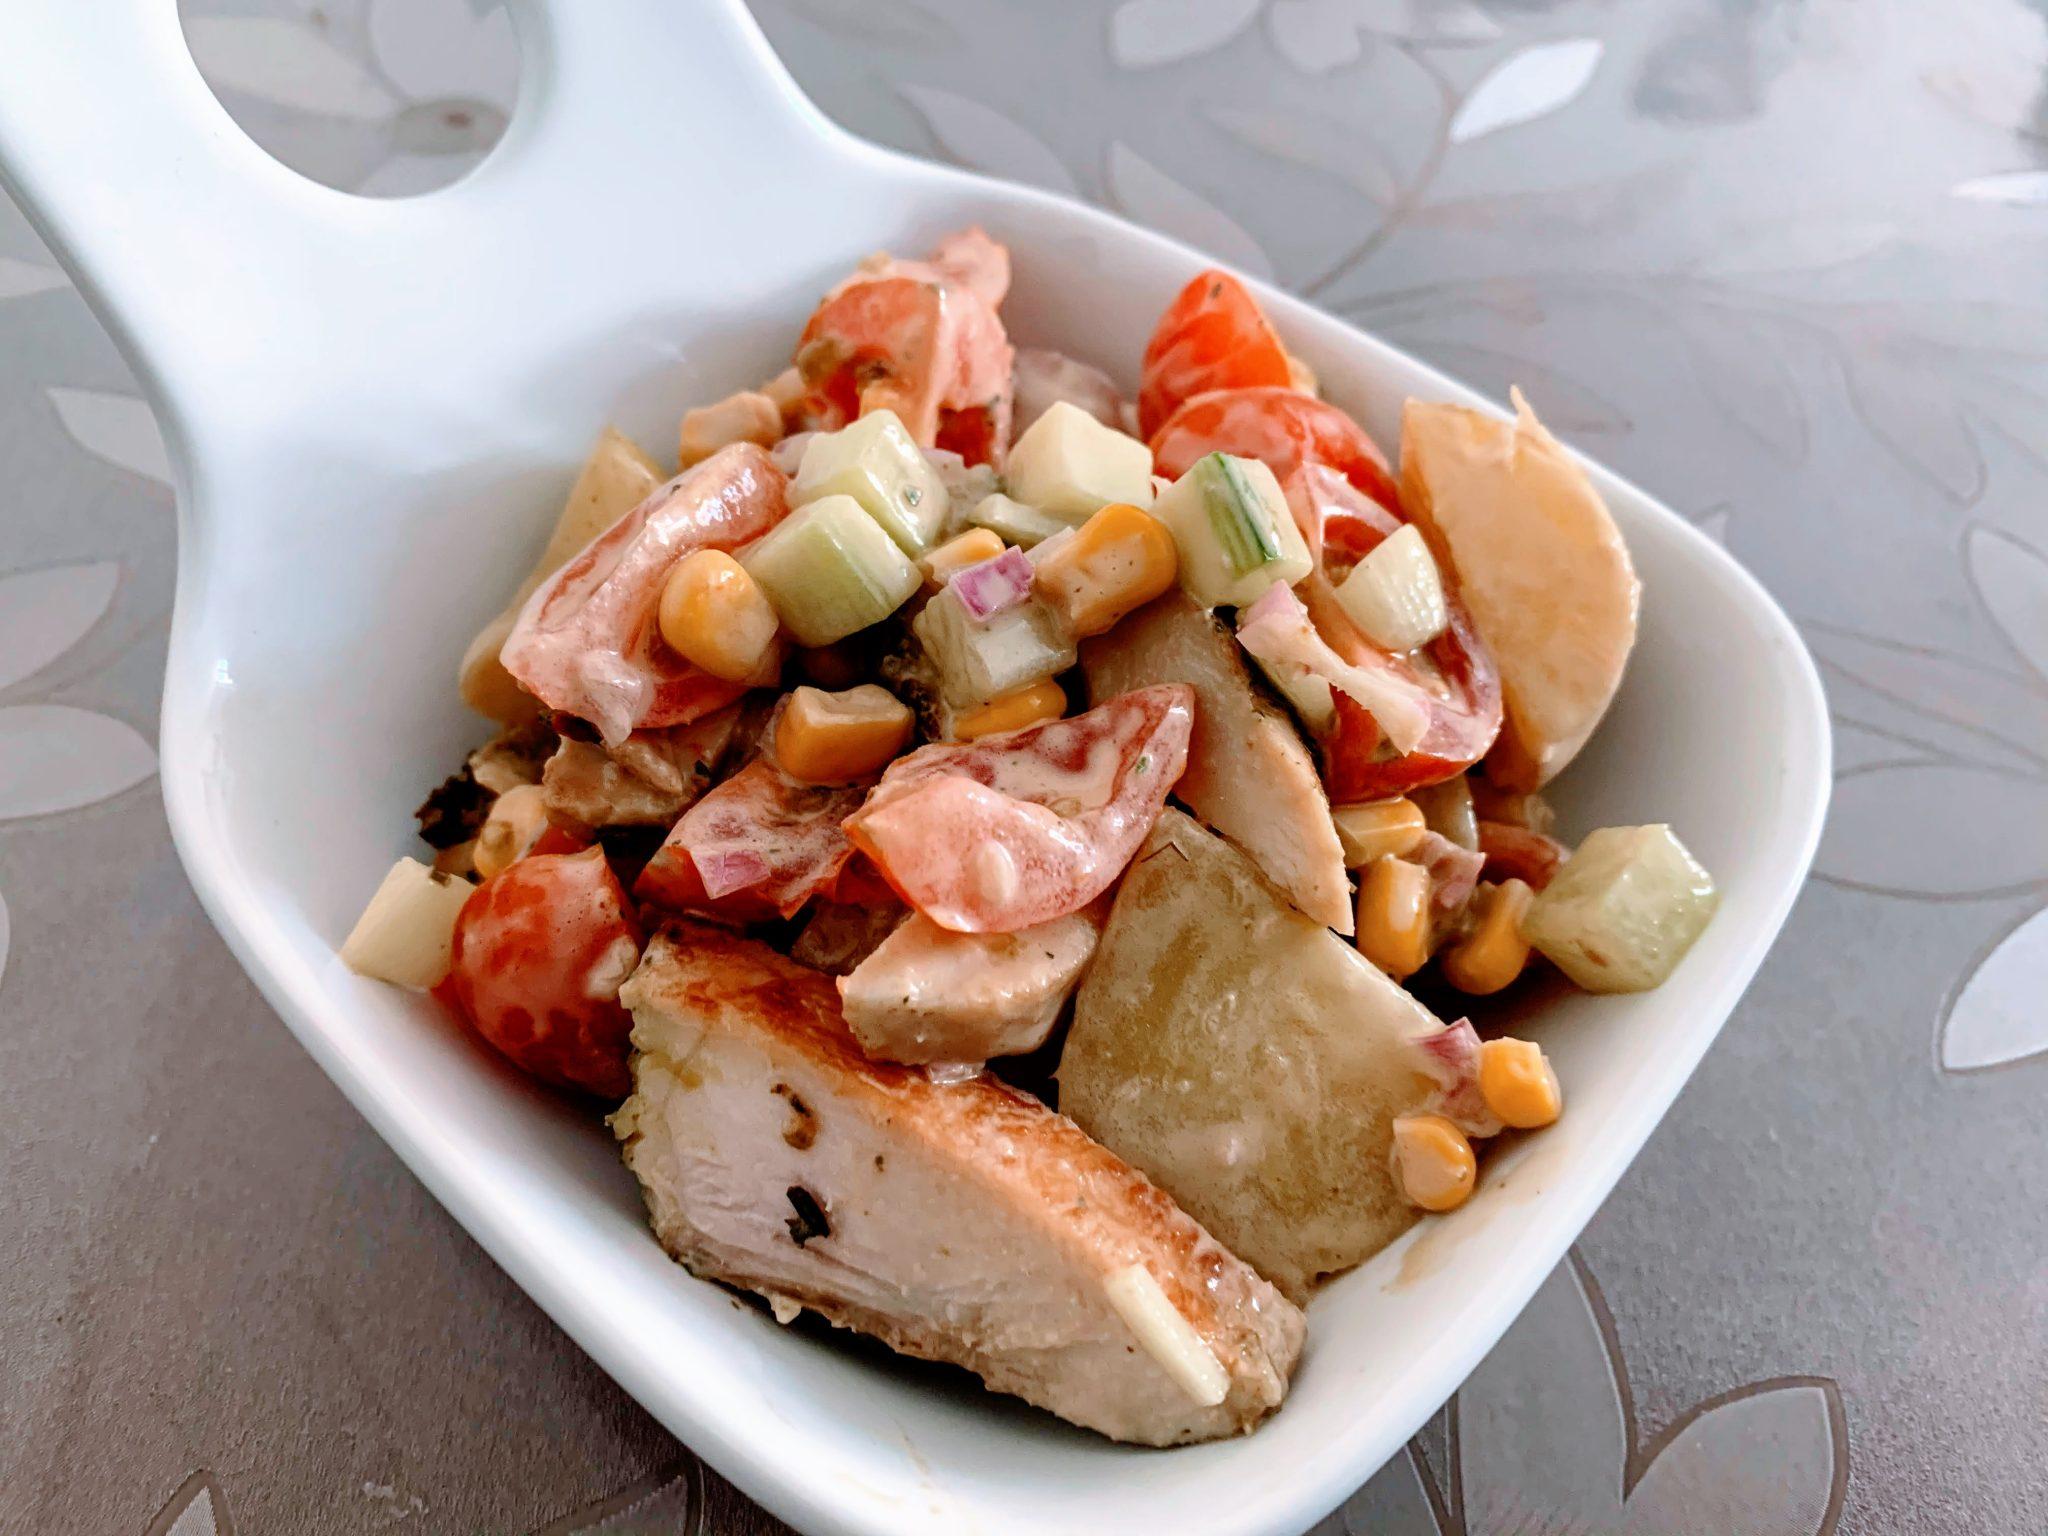 IMG 1976 scaled - Salade de grenailles & poulet aux épices méditerranéennes